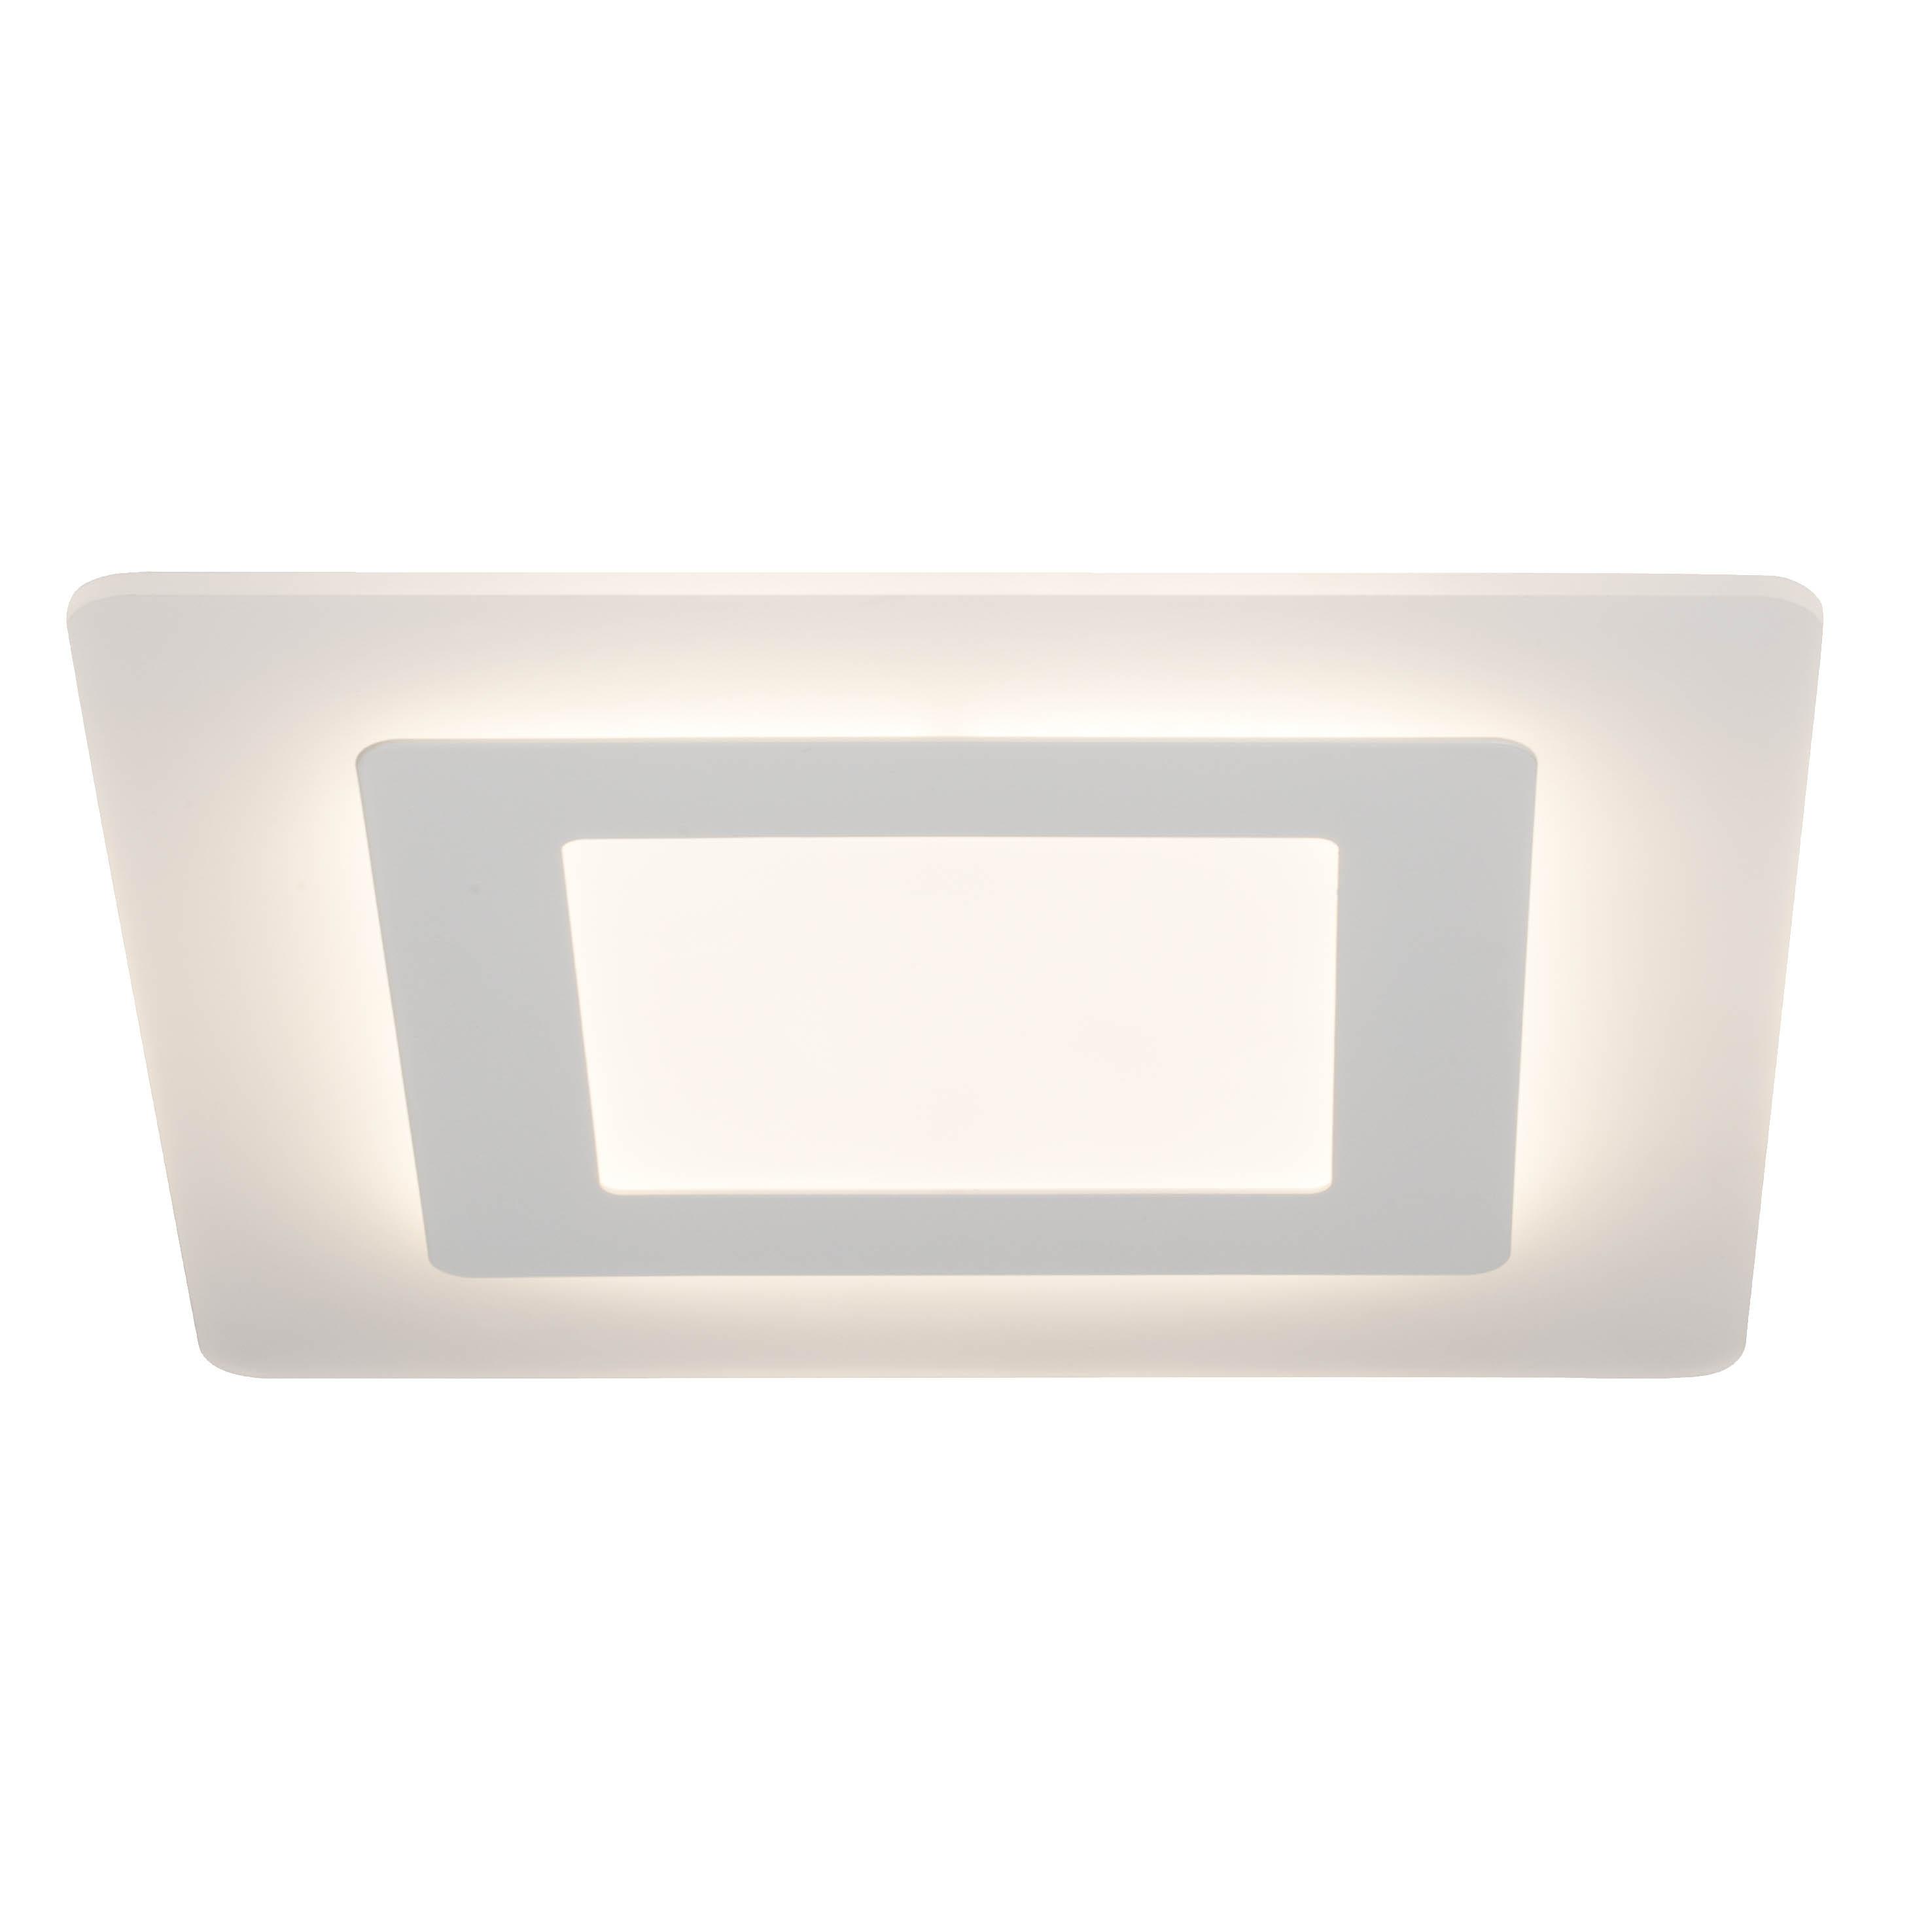 AEG Xenos LED Deckenleuchte 35x35cm weiß